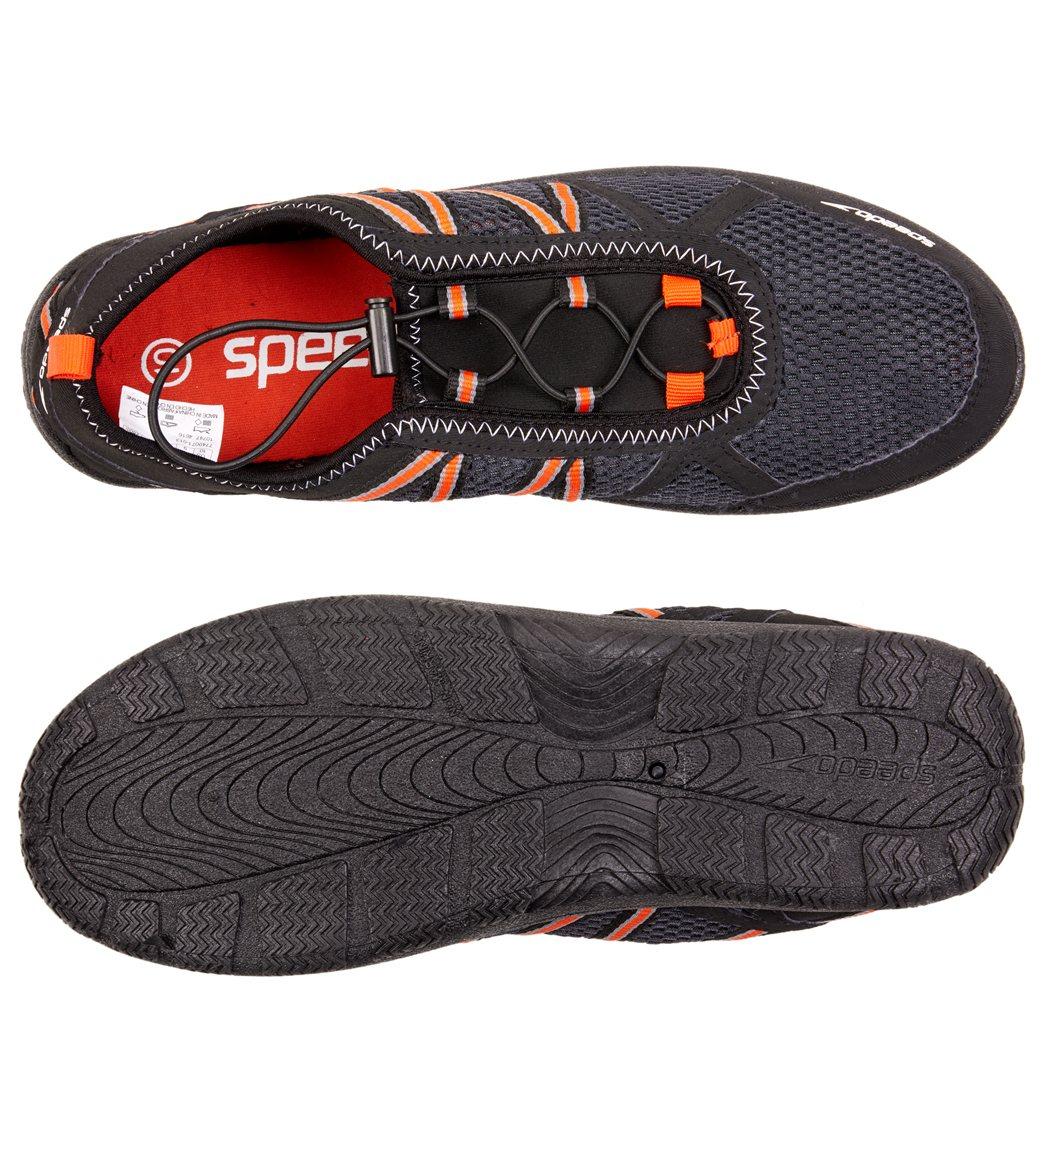 a5267bdd5 Speedo Men s Seaside Lace 5.0 Water Shoe at SwimOutlet.com